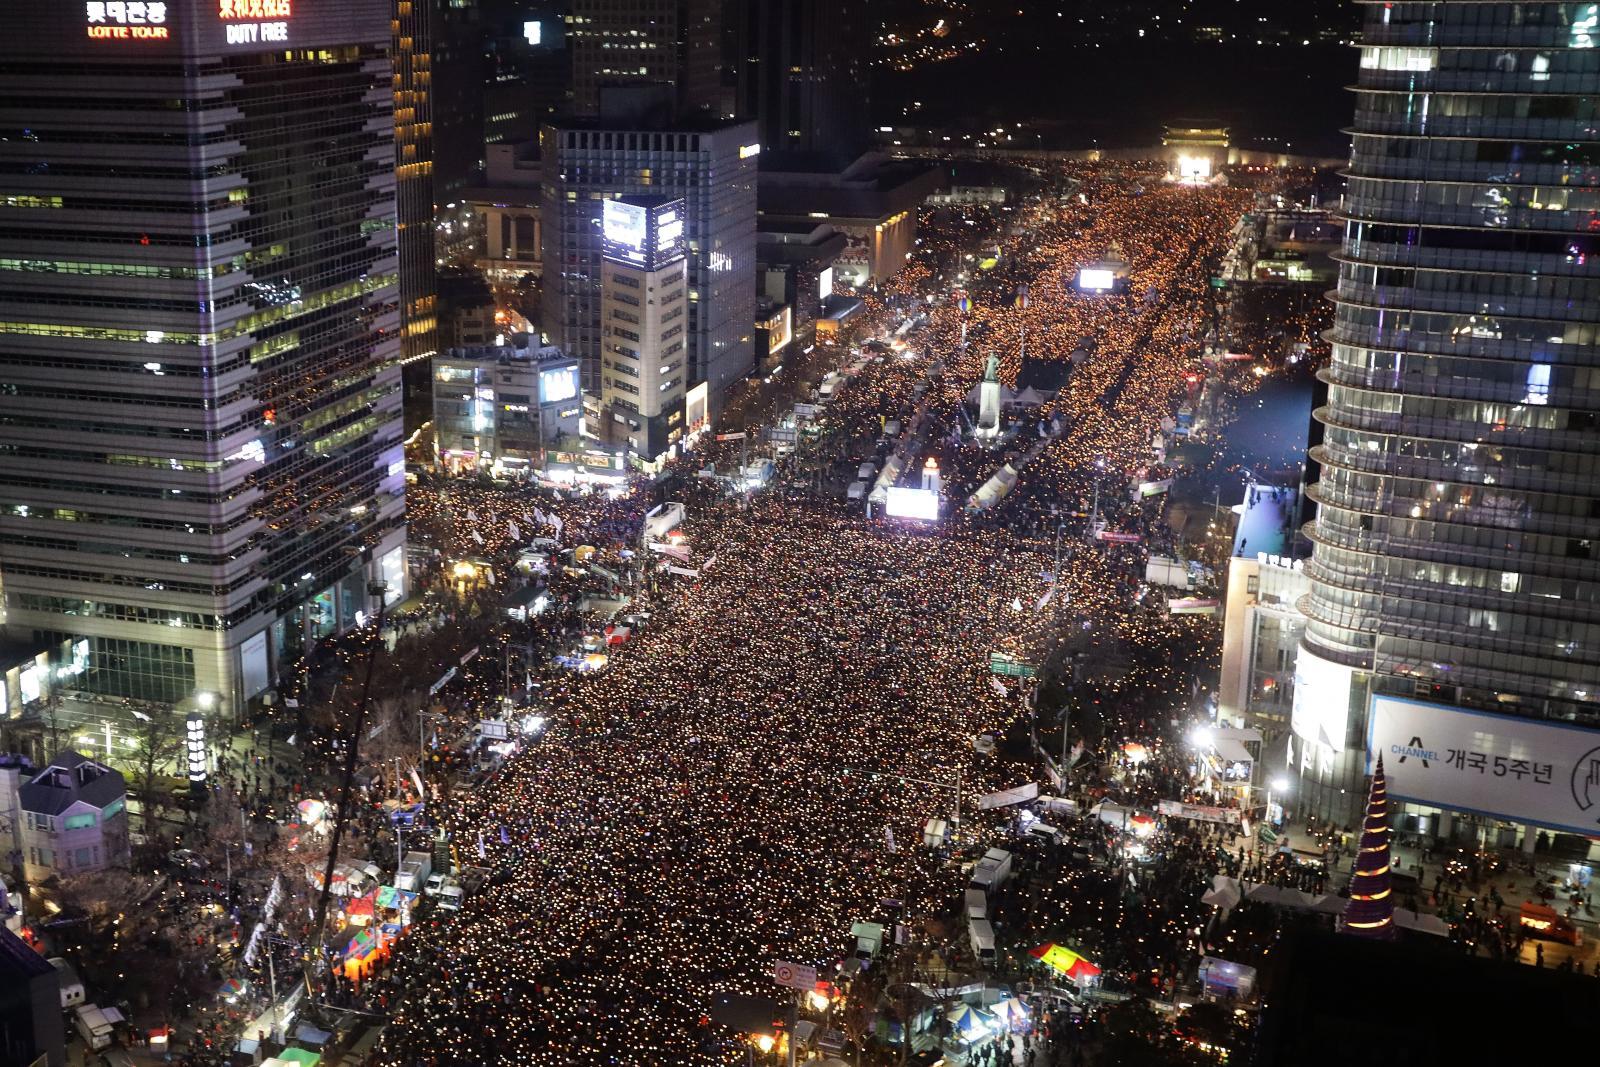 เกาหลีใต้ชุมนุมขับไล่ประธานาธิบดีต่อเนื่องสัปดาห์ที่ 6